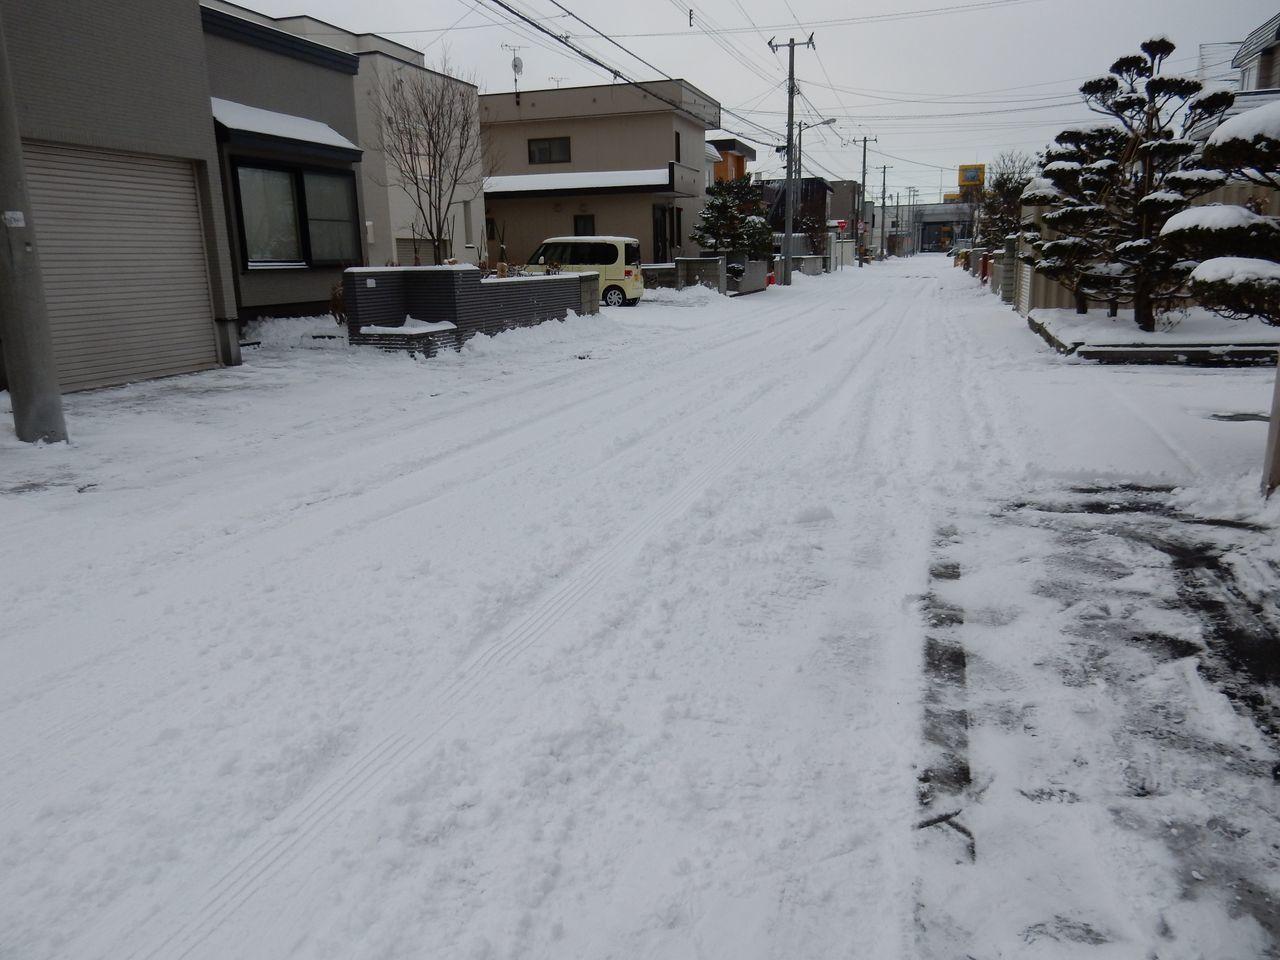 冬が本格化するなかサザンカのつぼみ膨らむ_c0025115_21435465.jpg